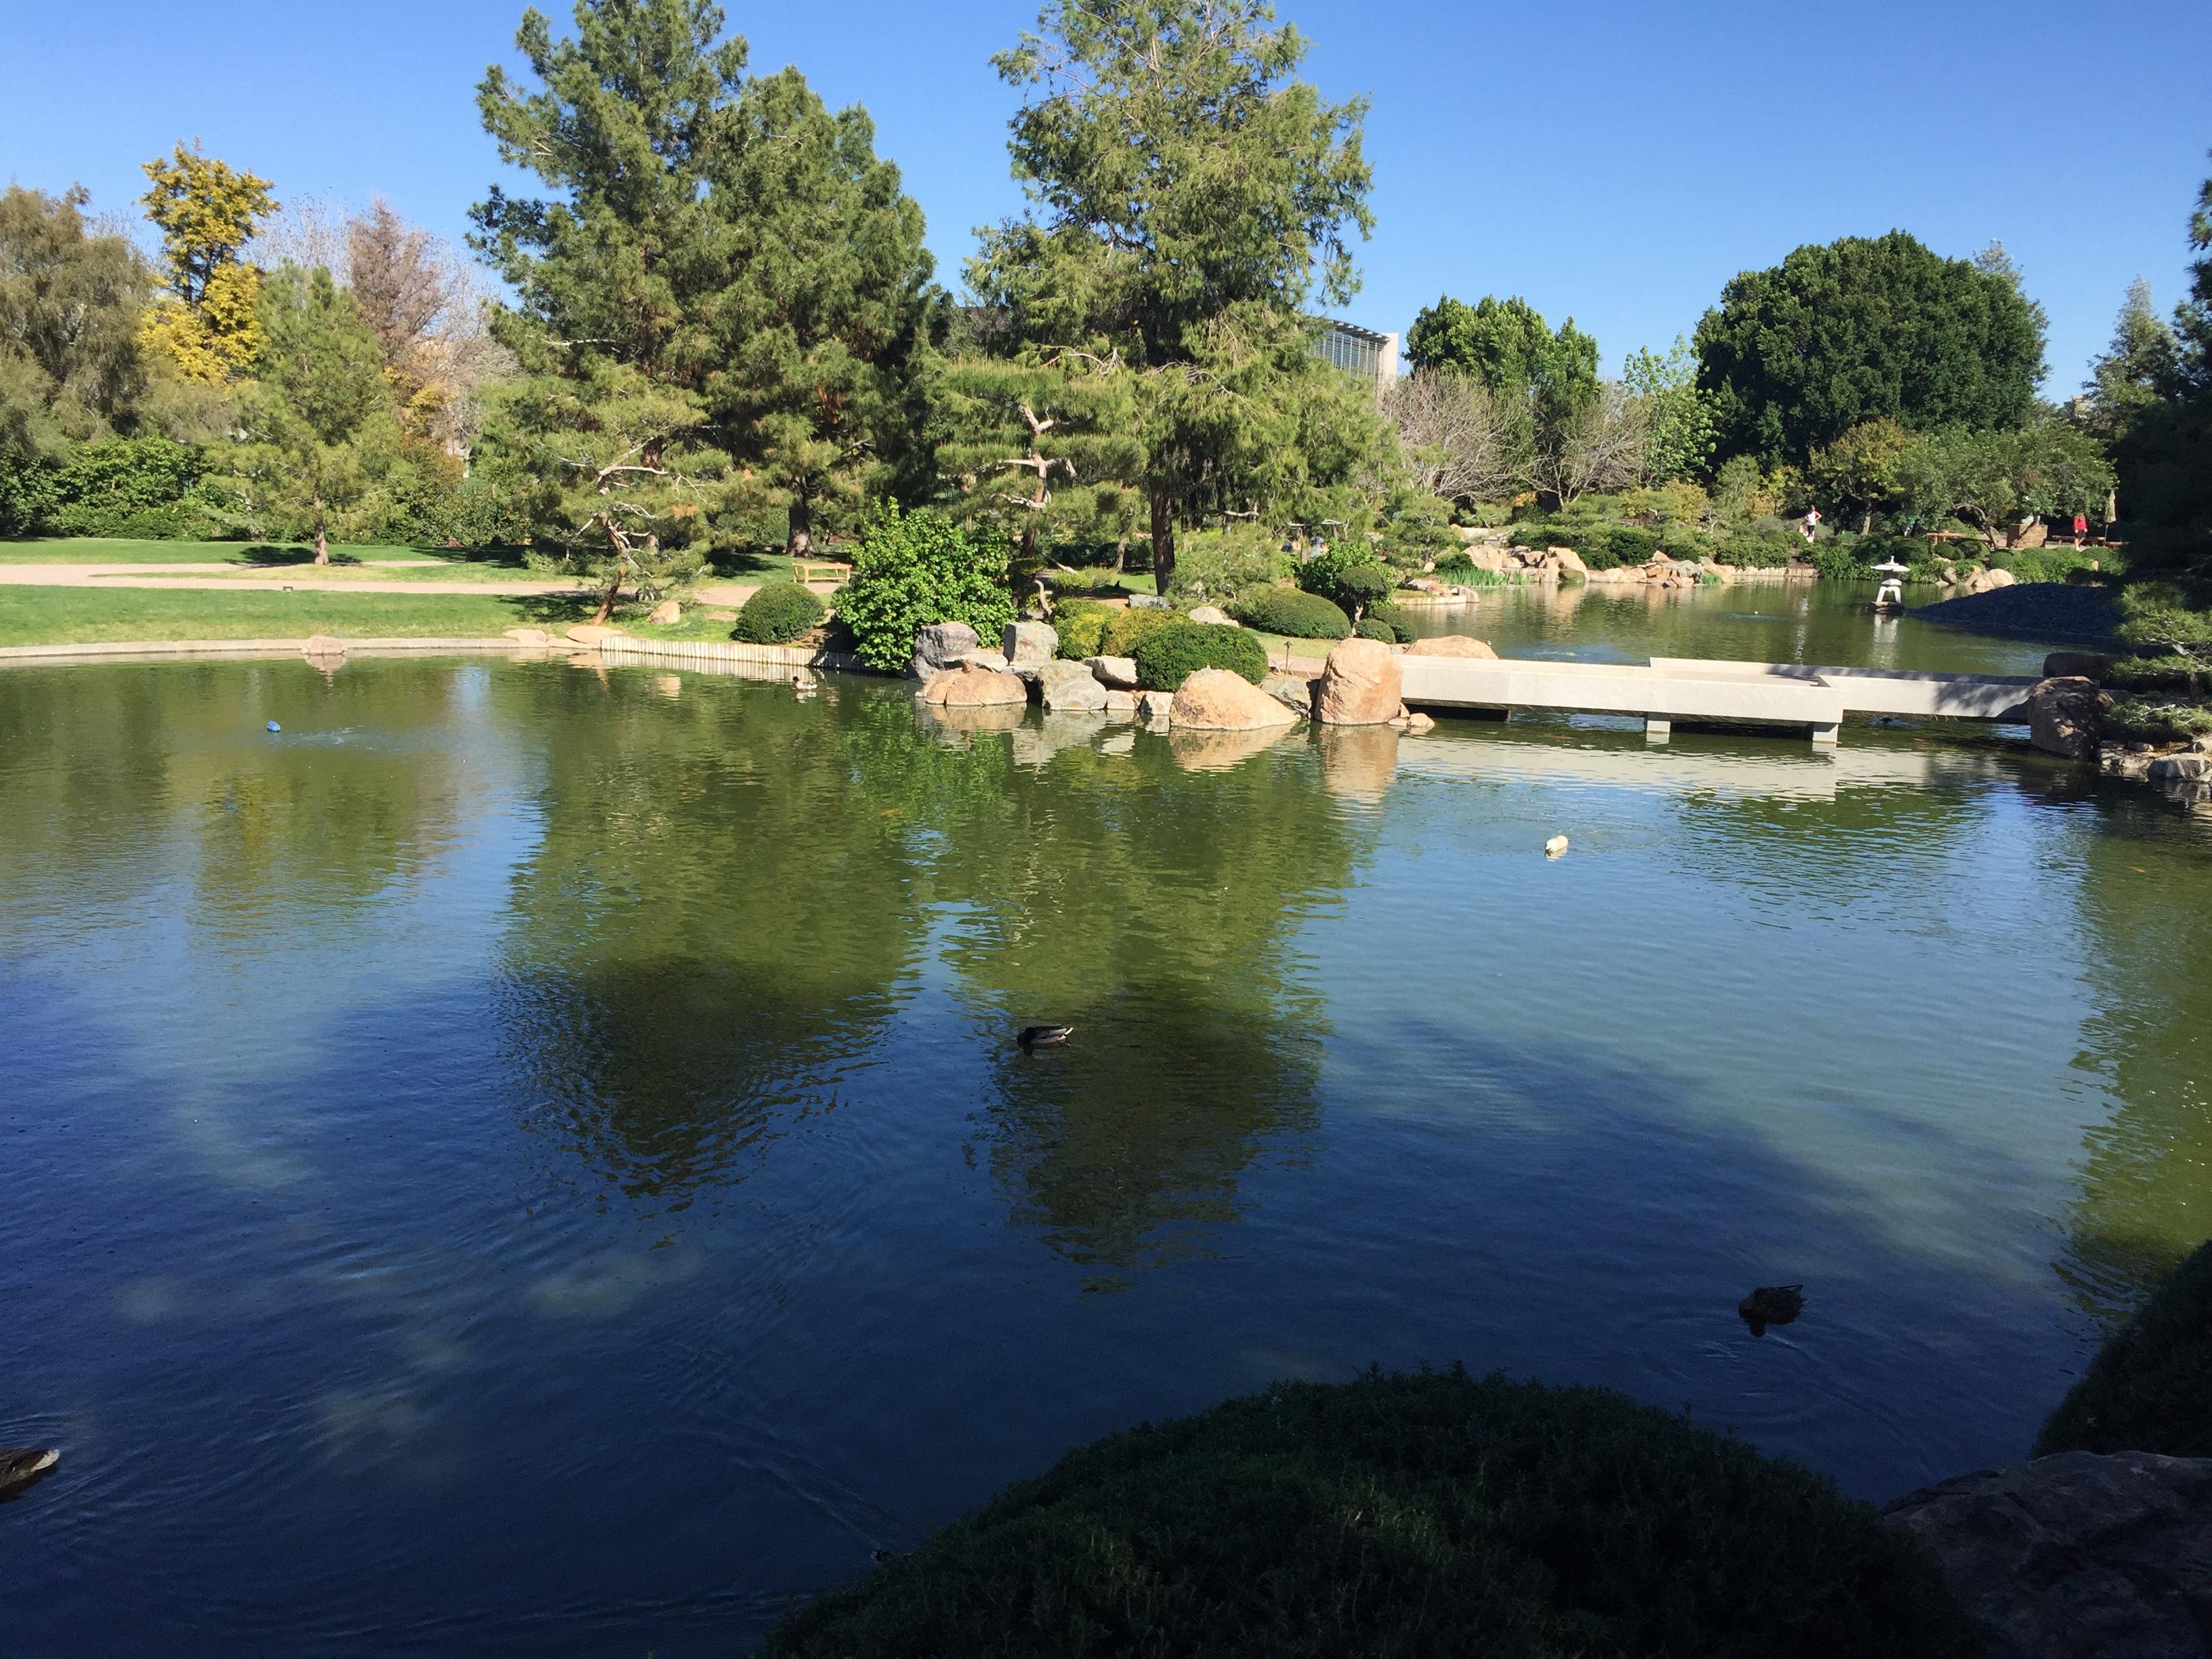 Pond at Japanese Friendship Garden in Phoenix, AZ